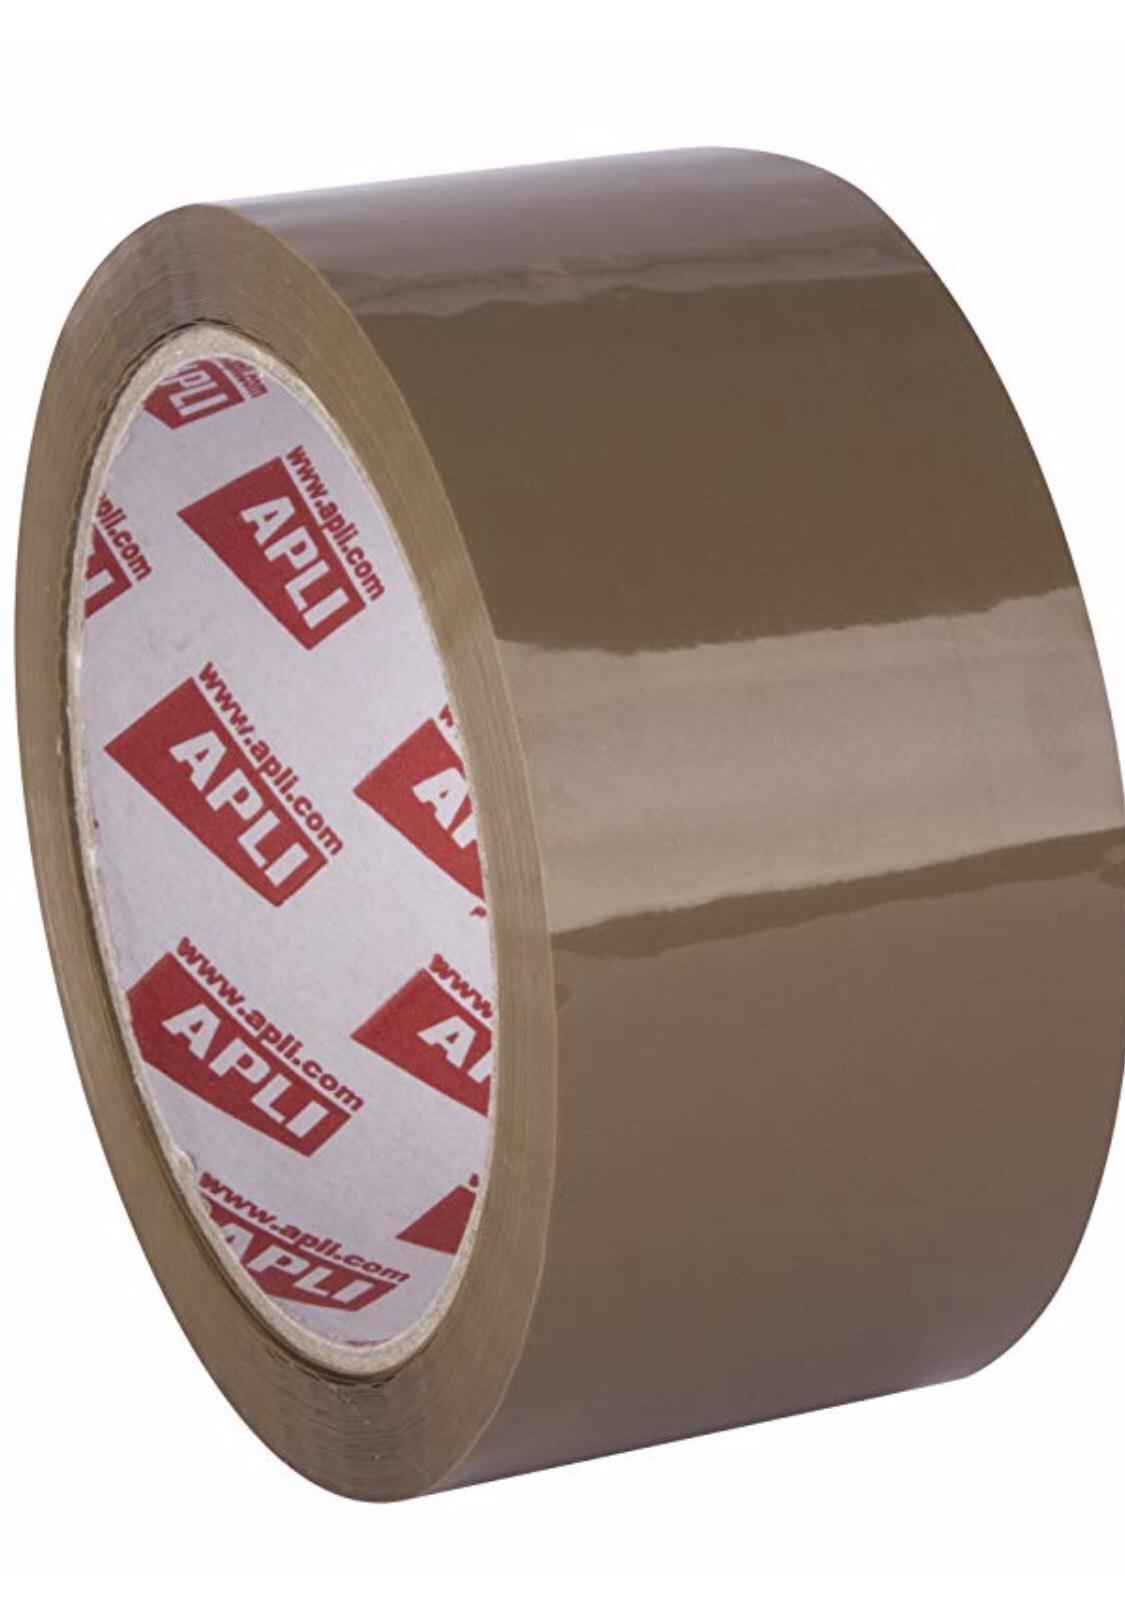 APLI - 36 rollos color marrón